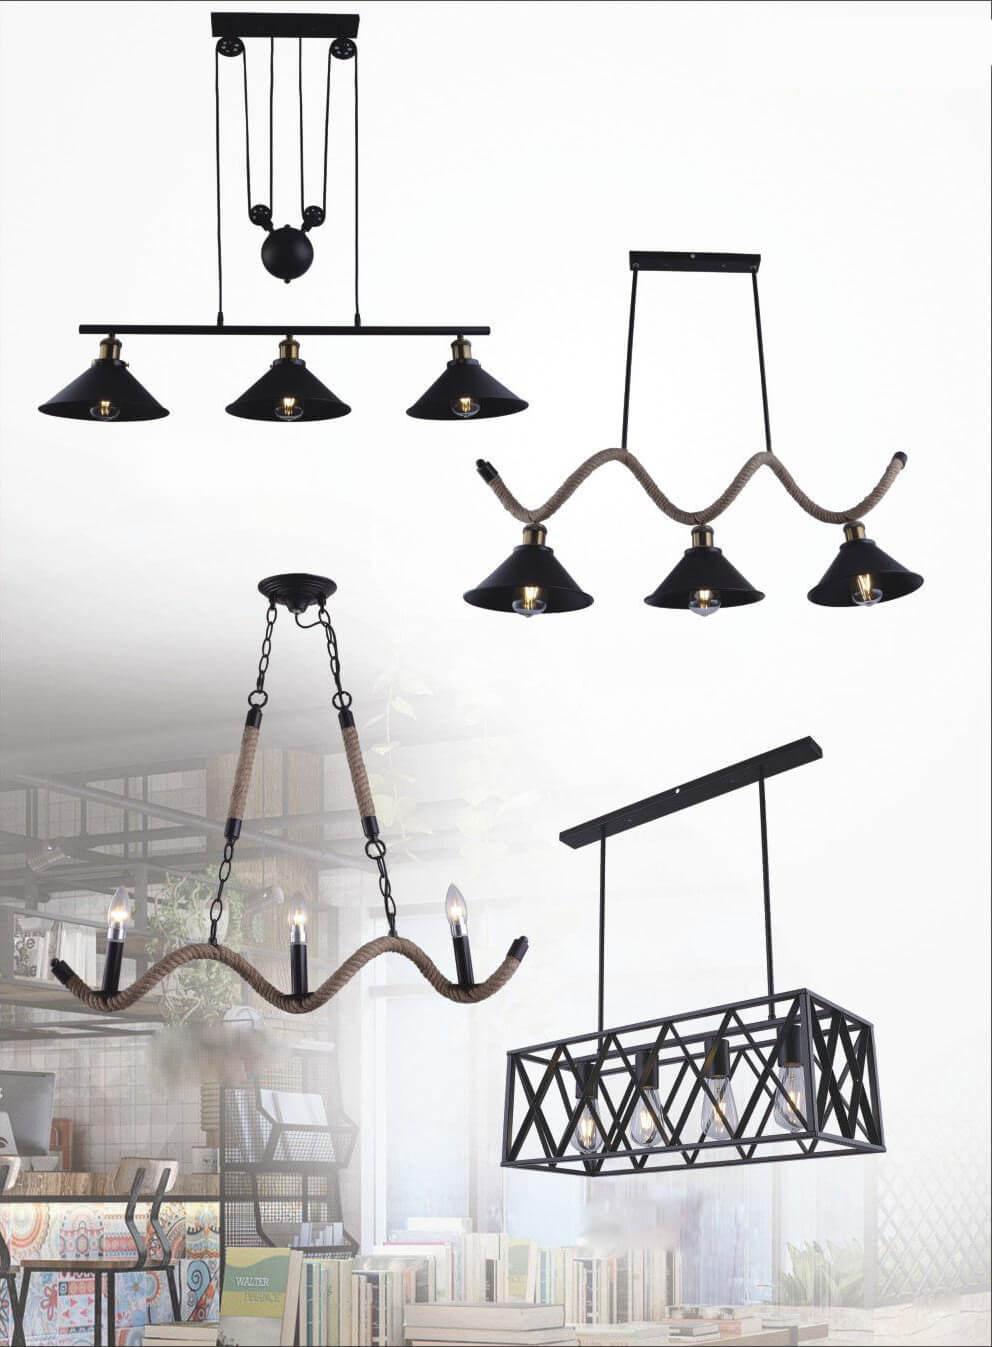 đèn thả trang trí DTRT077-DTDT076-DTDT078-DTRT079